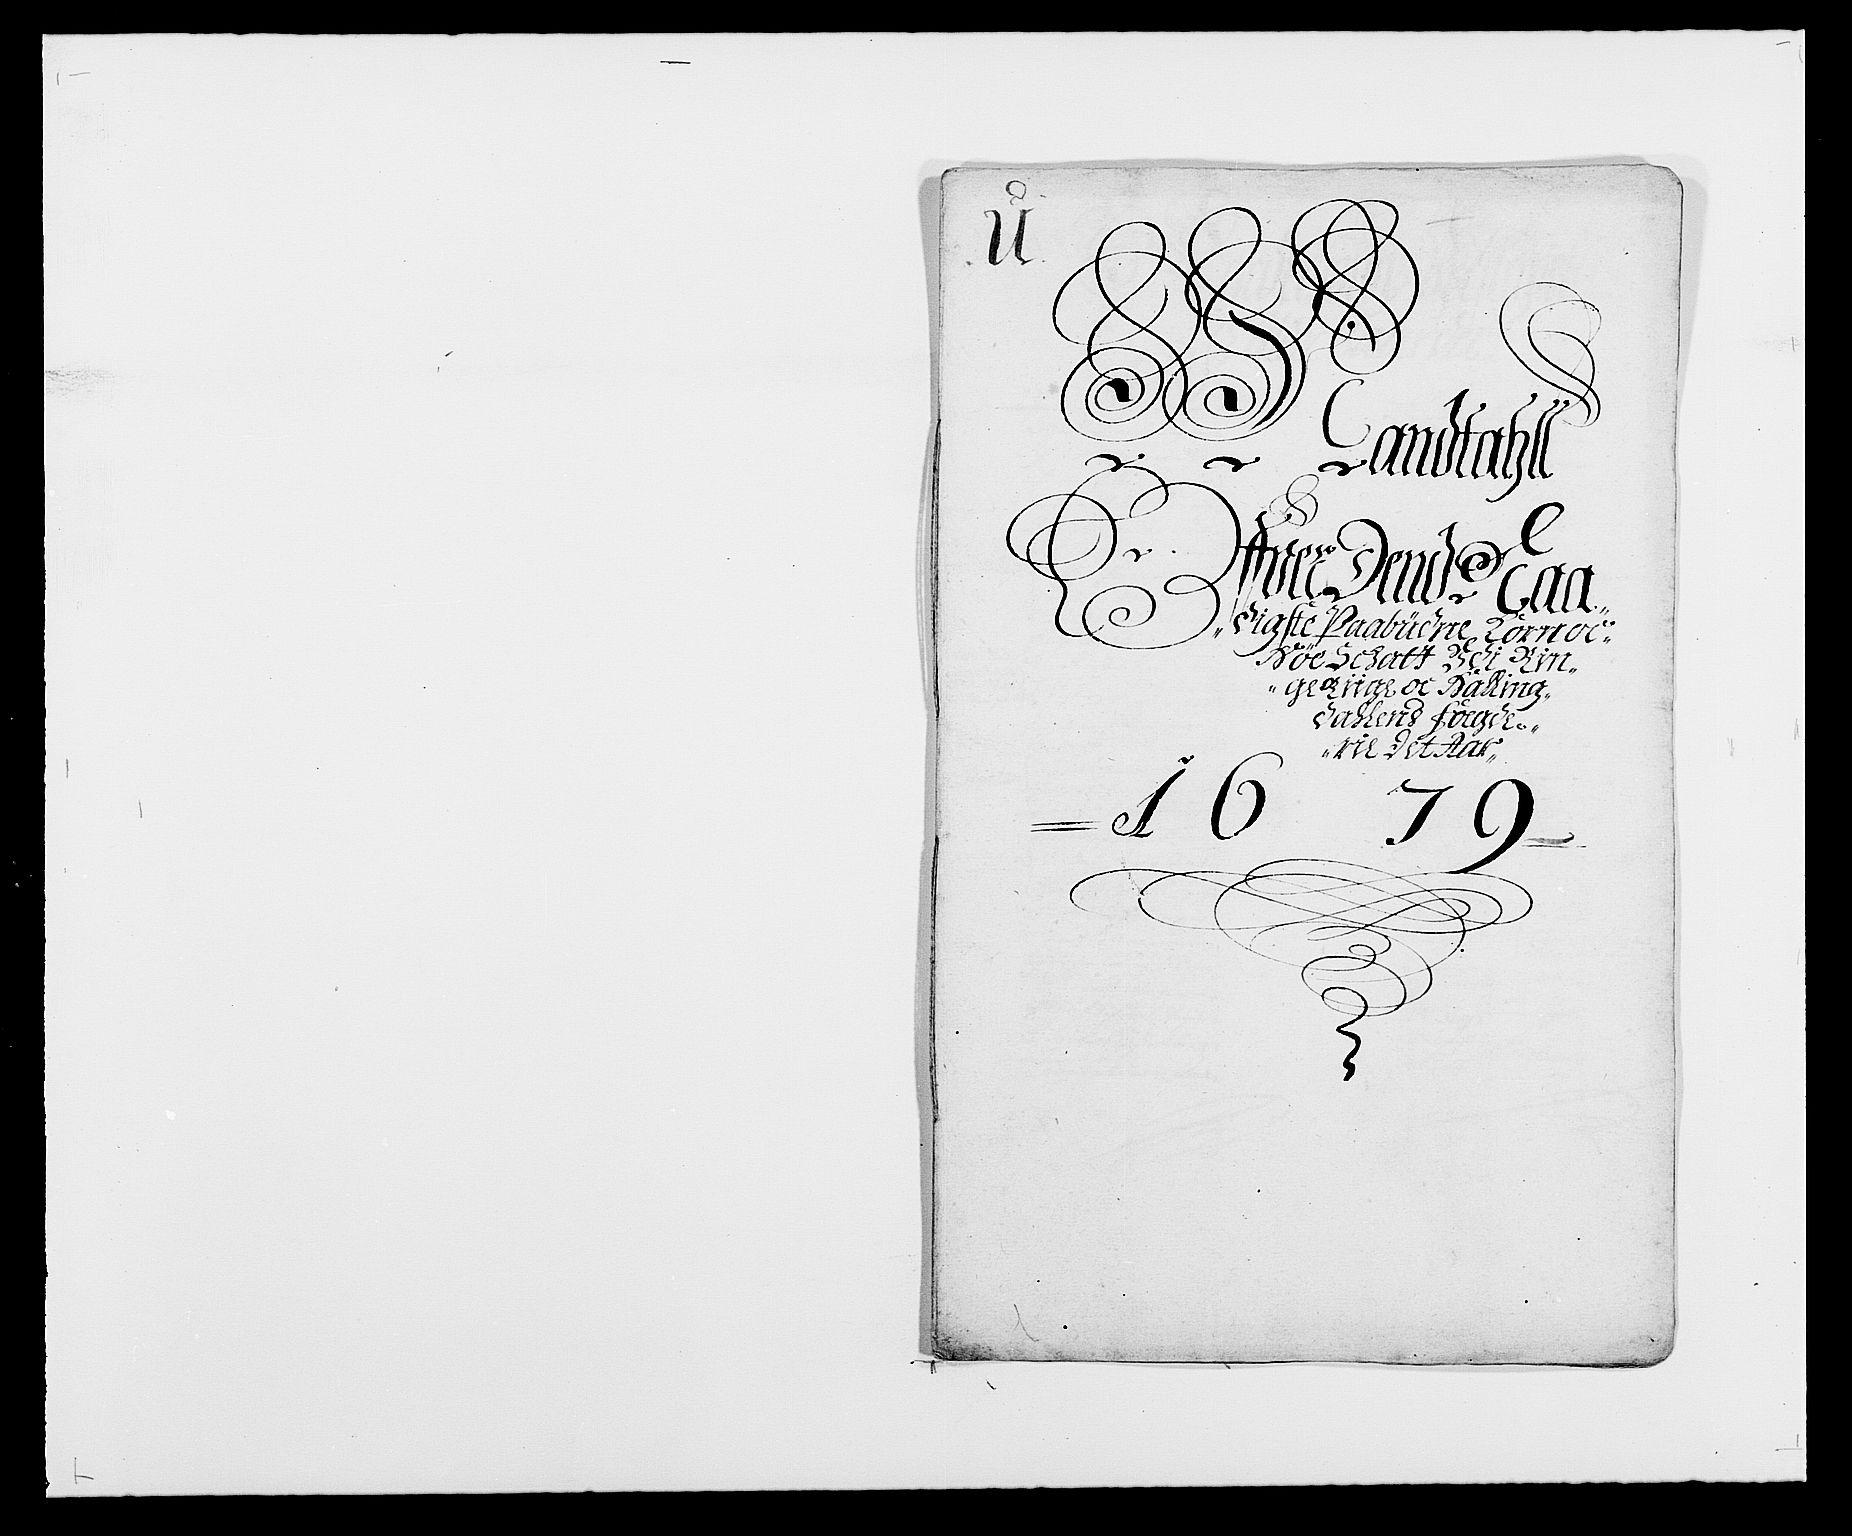 RA, Rentekammeret inntil 1814, Reviderte regnskaper, Fogderegnskap, R21/L1443: Fogderegnskap Ringerike og Hallingdal, 1678-1680, s. 311